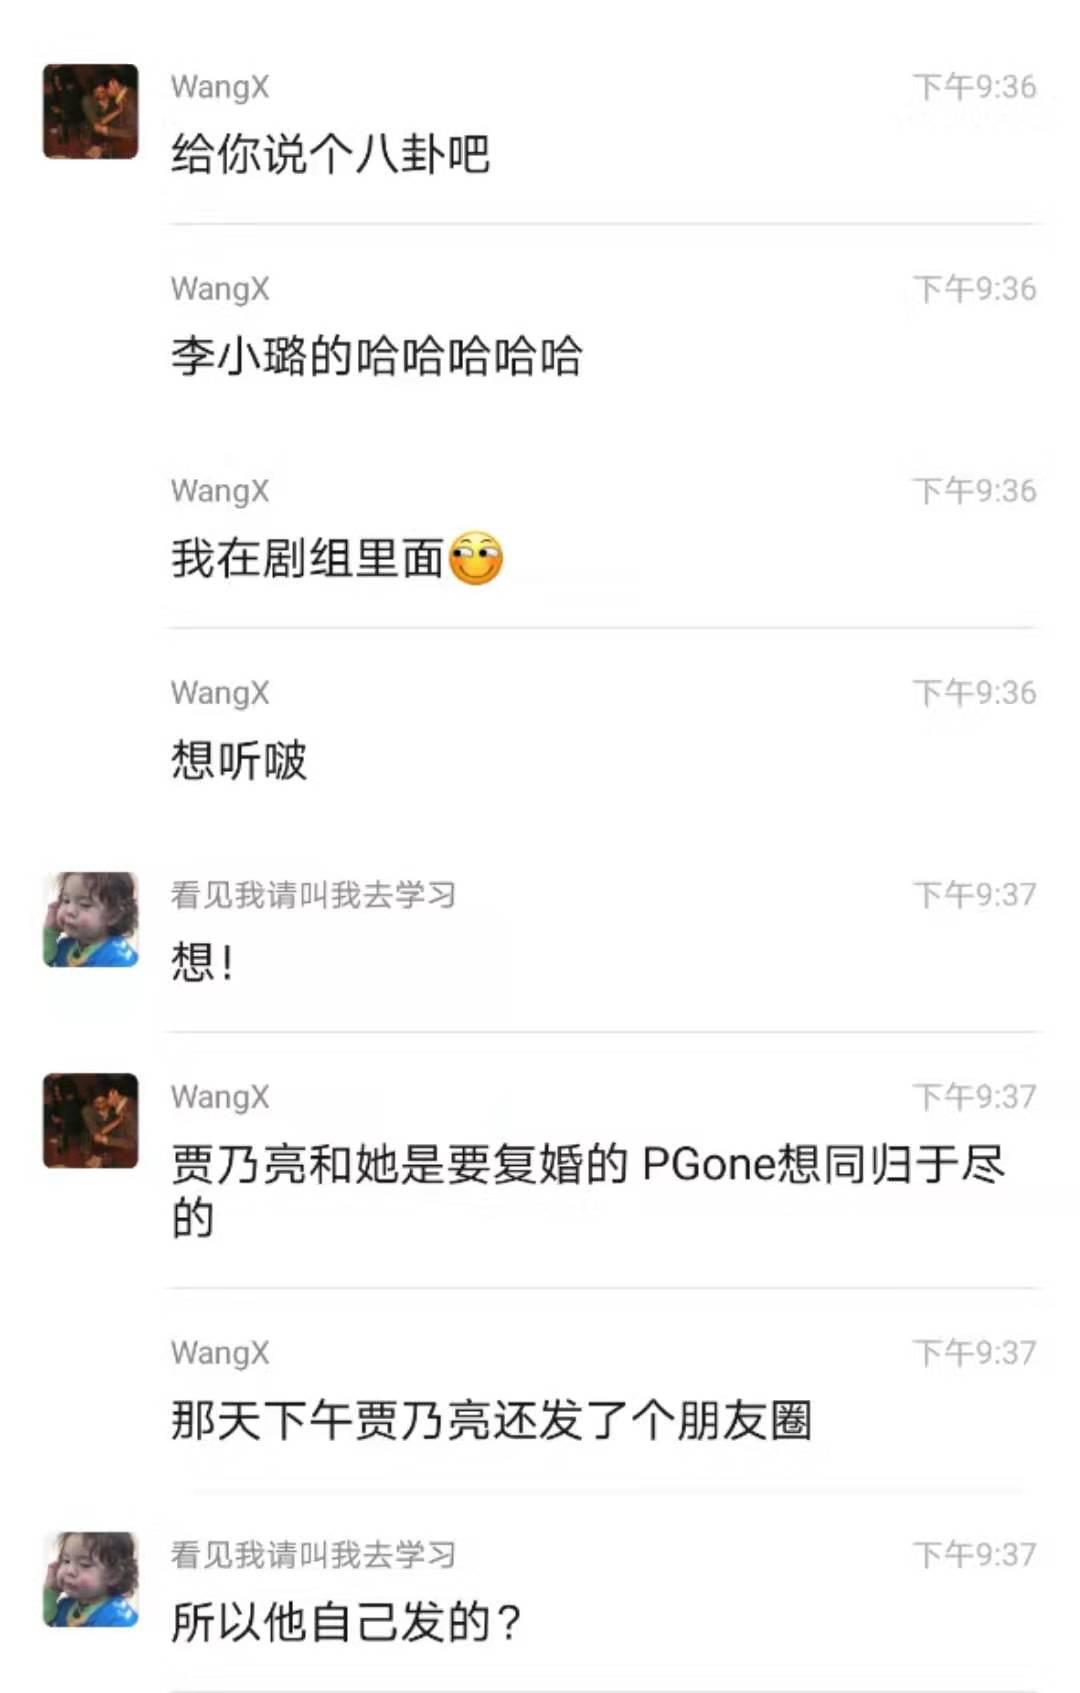 疑似于晓光曝光李小璐视频事件内幕:通过马苏认识,PGONE曝光视频